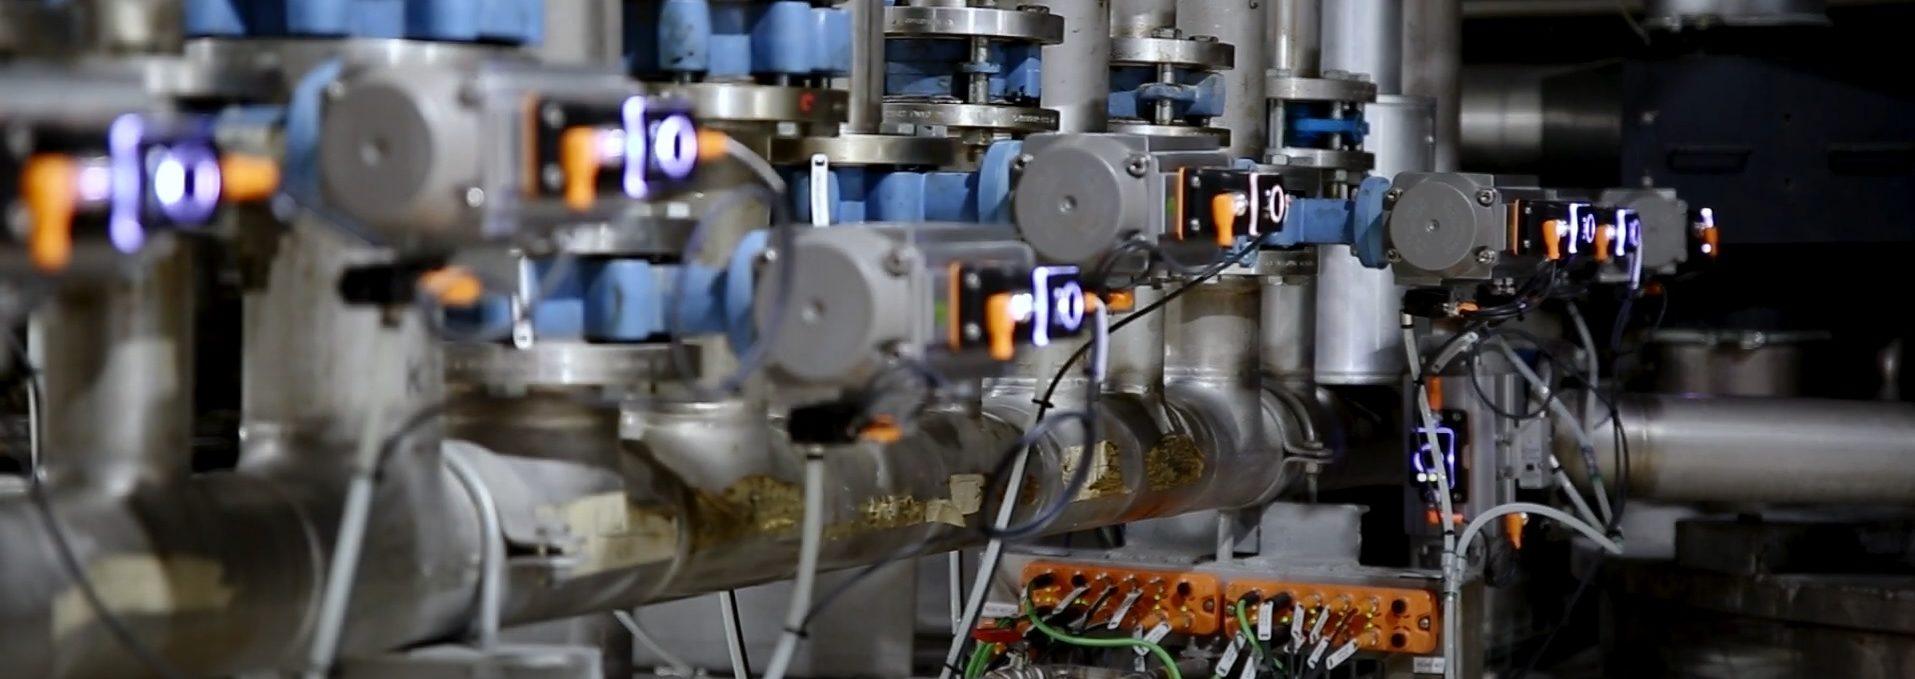 Modernisation d'une unité de production dans l'industrie chimique